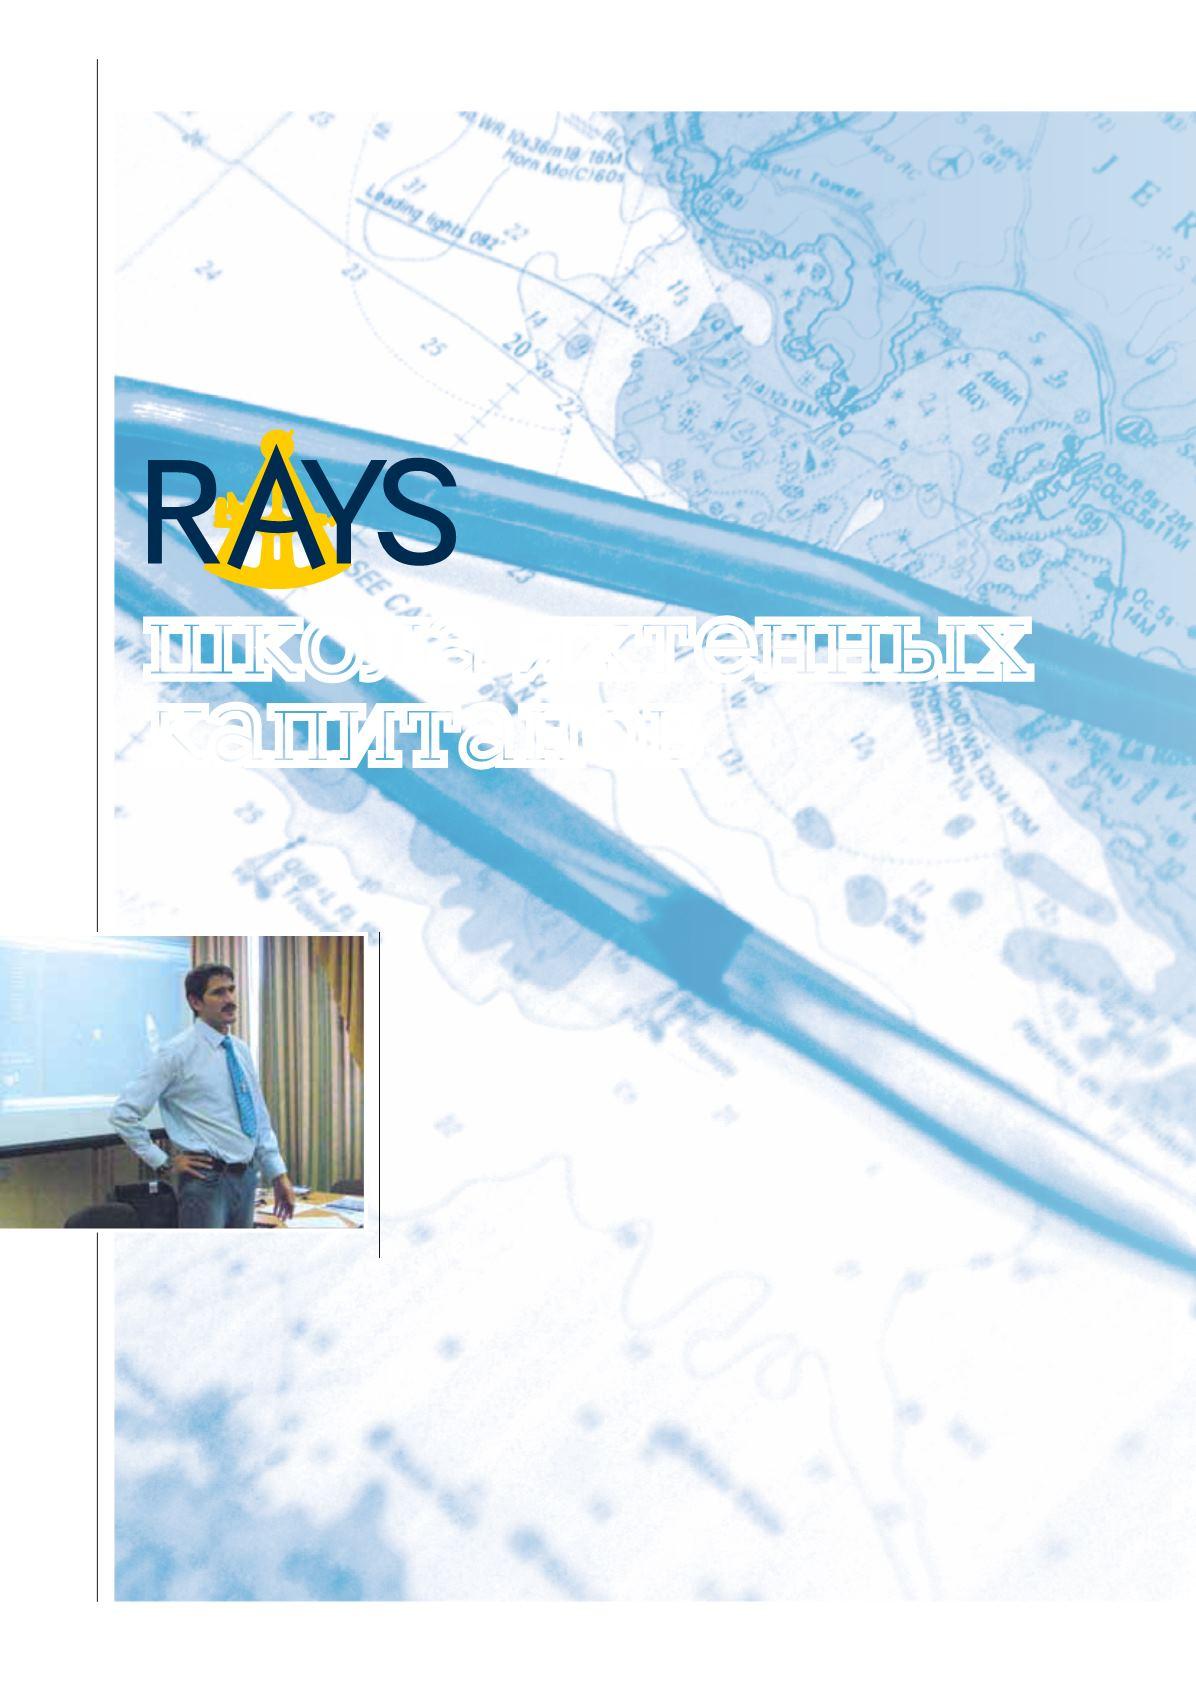 национальная ассоциация шкиперов rays